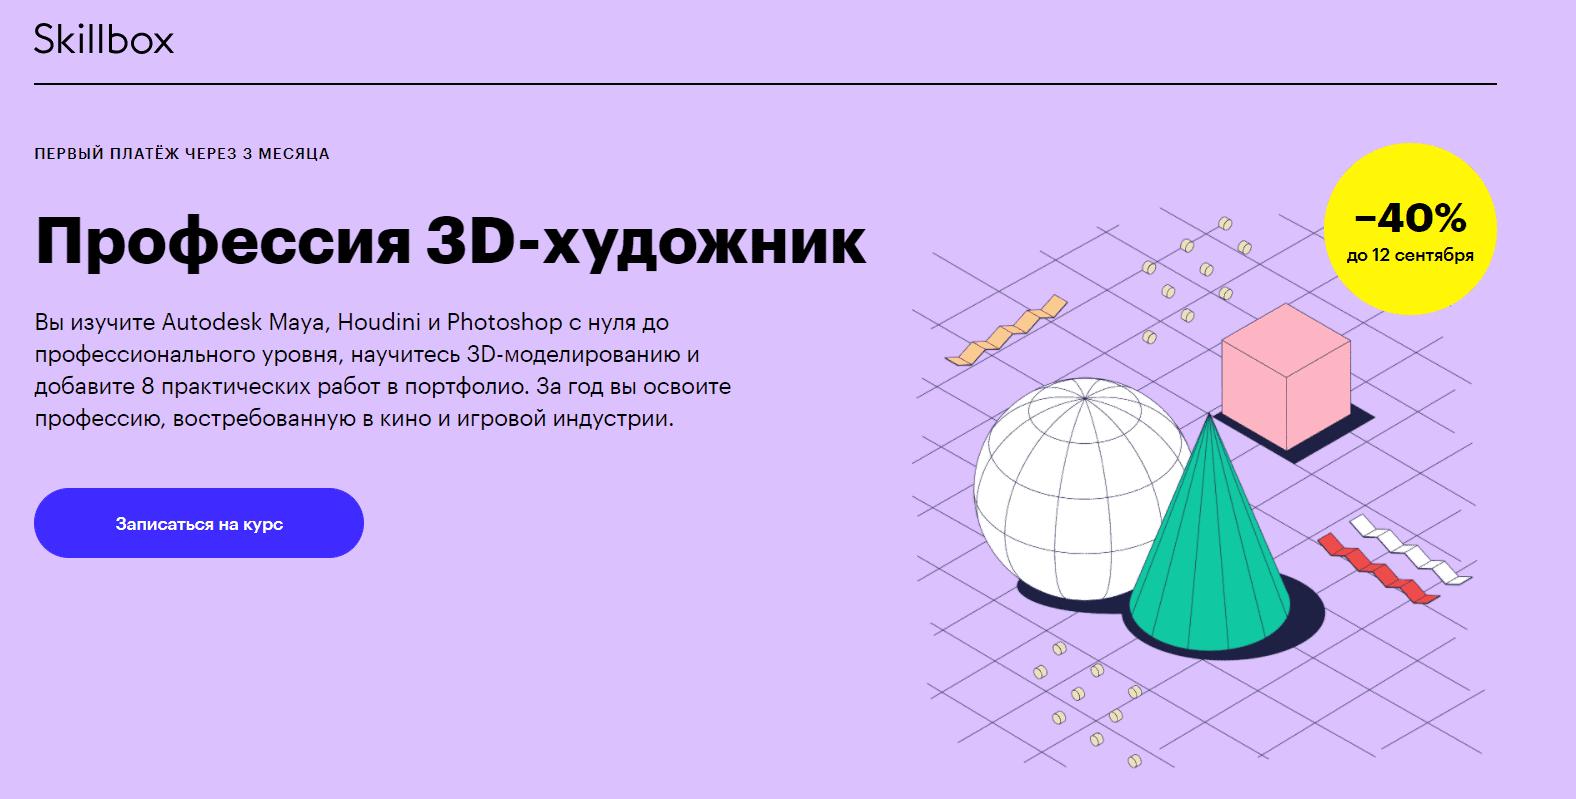 3D-художник — онлайн-курс